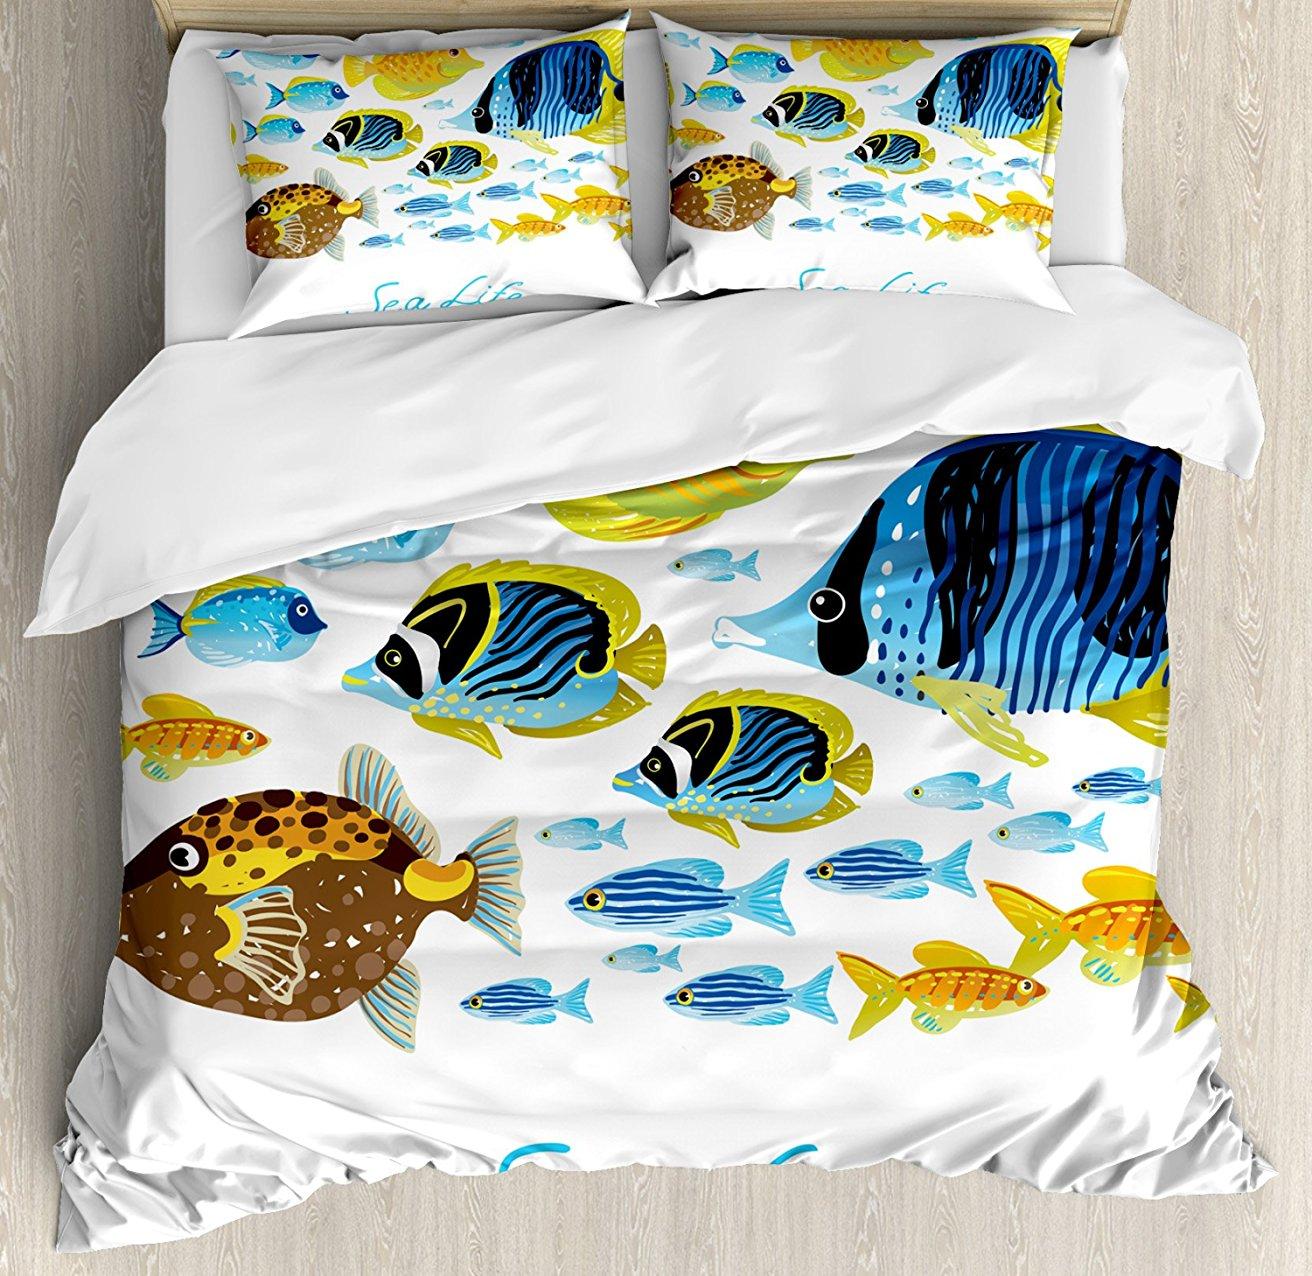 Ensemble de housse de couette poisson vie sauvage sous-marine vive avec des créatures de poissons tropicaux d'eau douce thème de la mer ensemble de literie 4 pièces